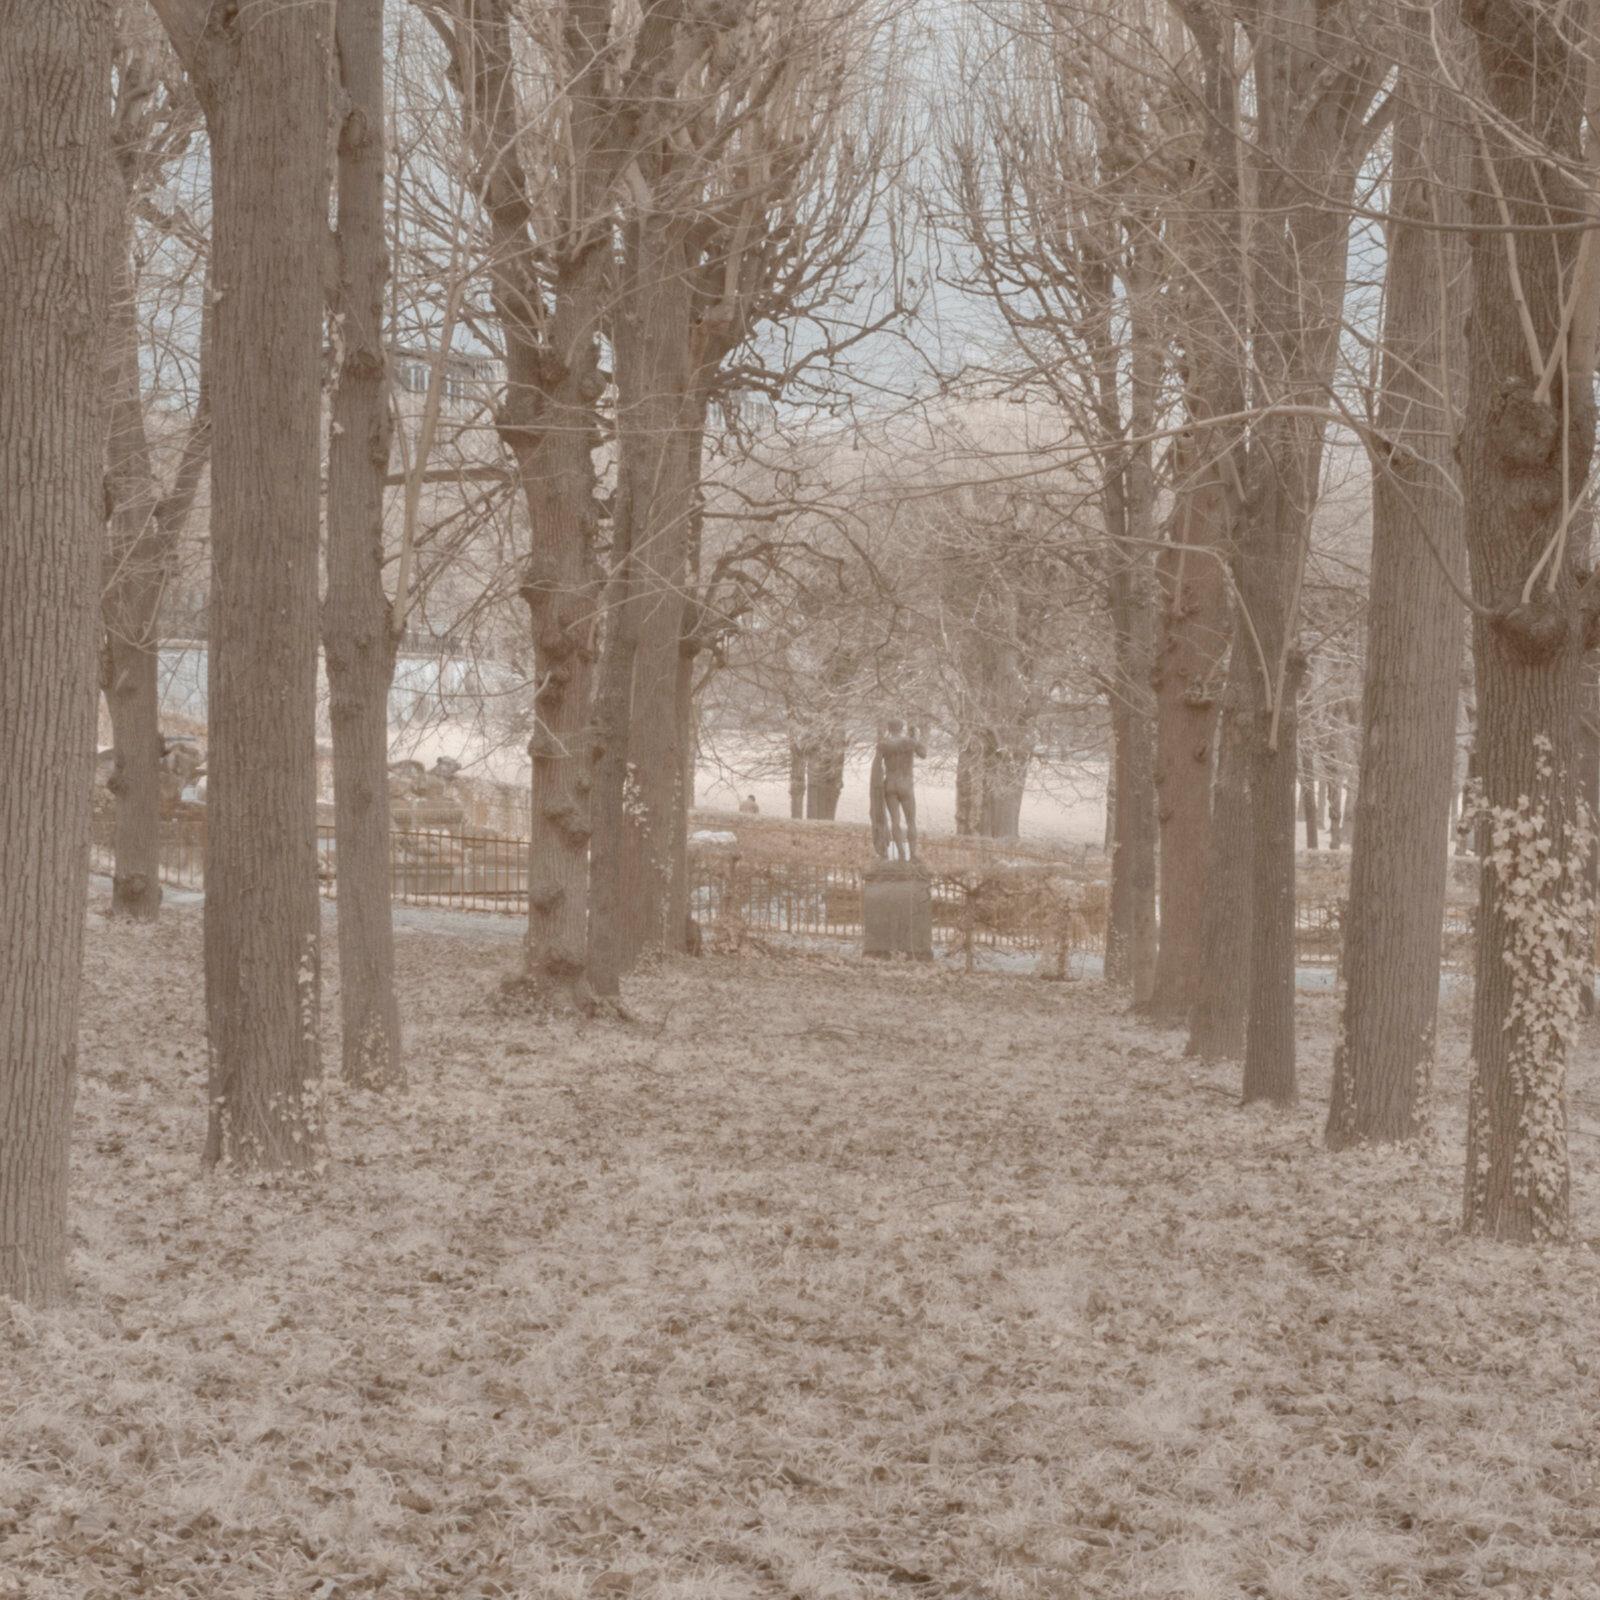 DETAILS 2 24mm F11 CANON 1 | Pierre-Louis Ferrer | Test du SIGMA 24mm F/1.4 DG HSM Art en photographie infrarouge | Partie 1